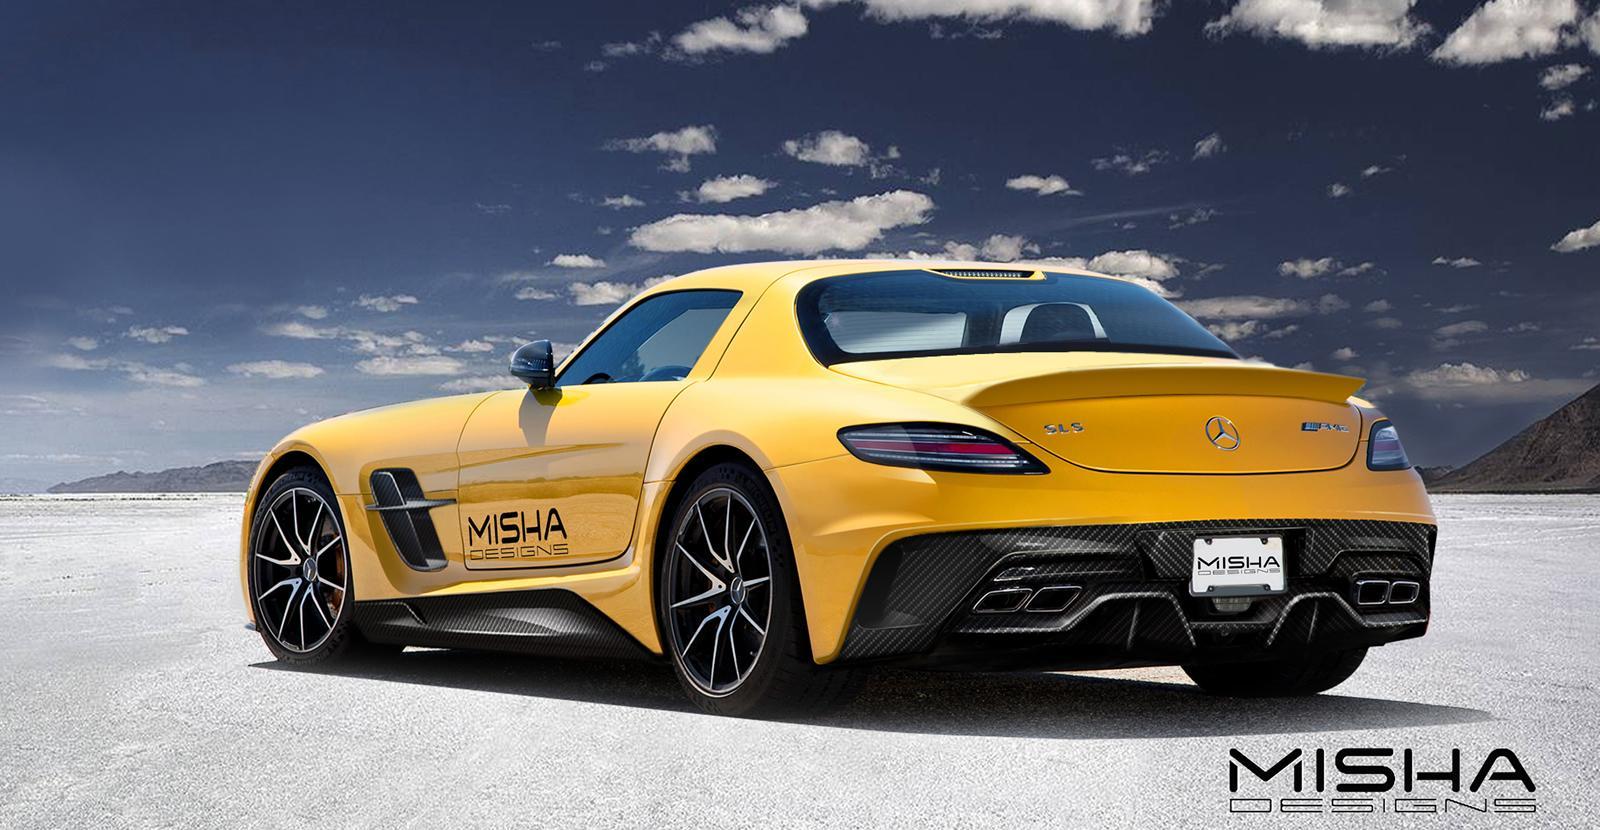 Миша дизайн Mercedes-Benz SLS AMG [preview] - фотография №3